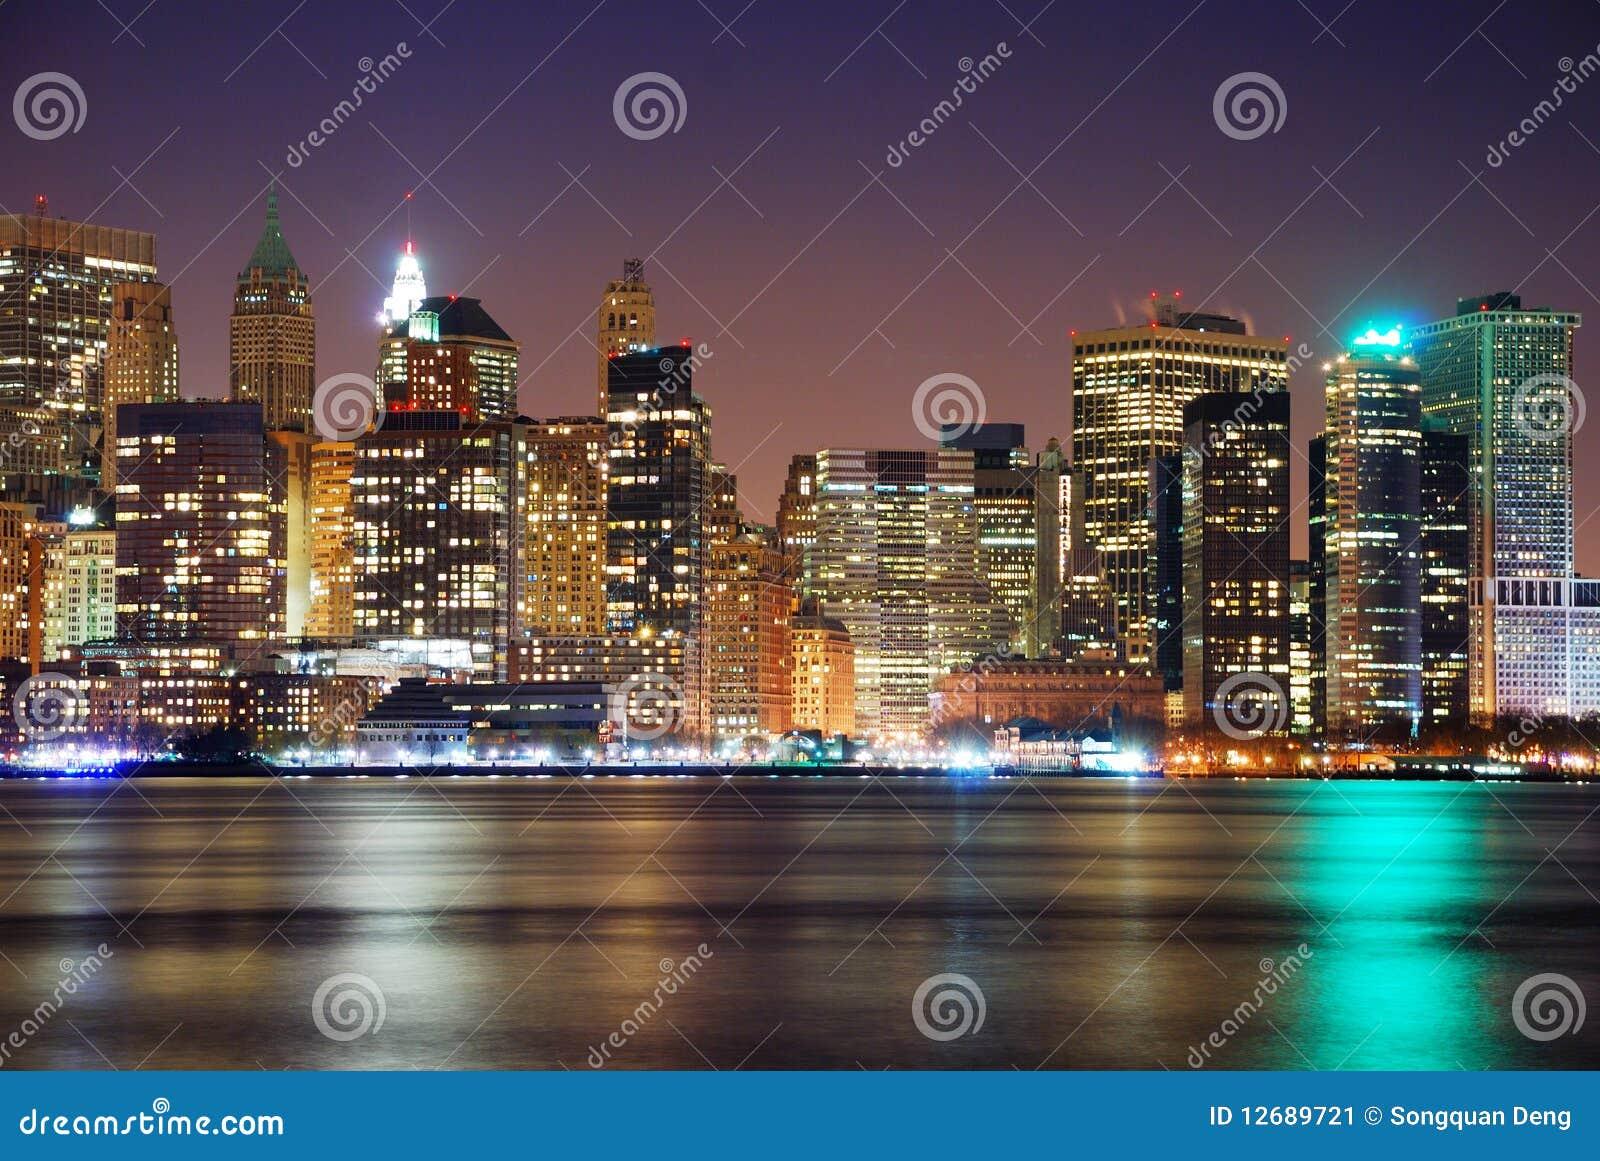 Panorama del horizonte de la noche de New York City